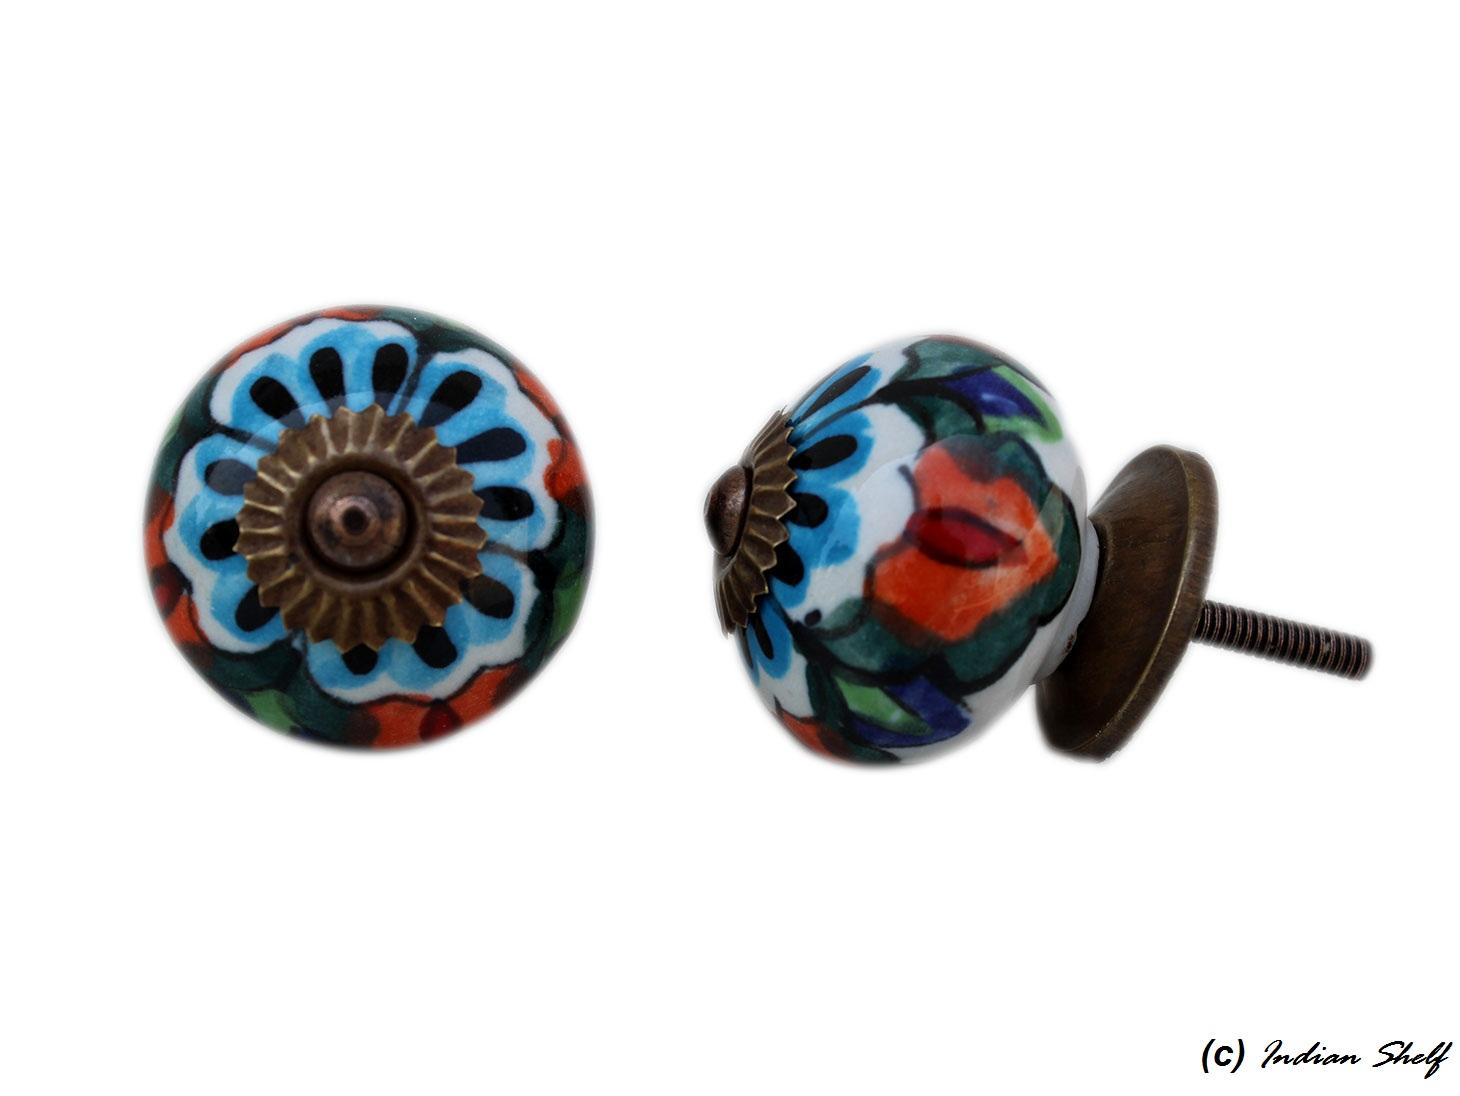 Colorful Floral Ceramic Knob